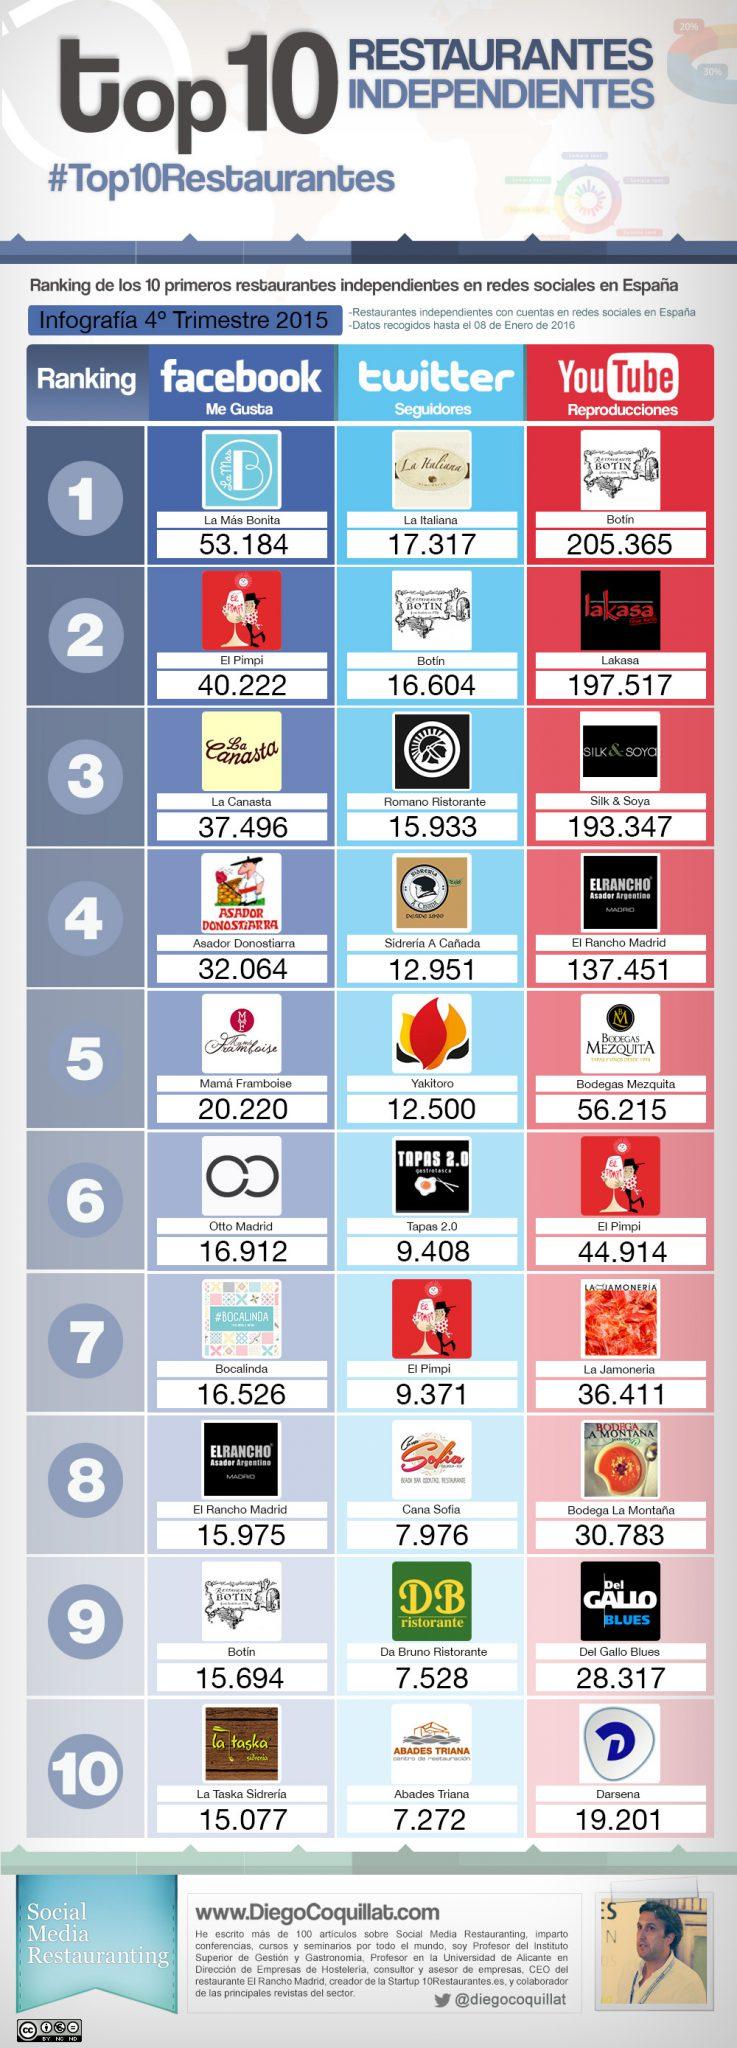 Ranking con el top10 restaurantes independientes en redes sociales en España